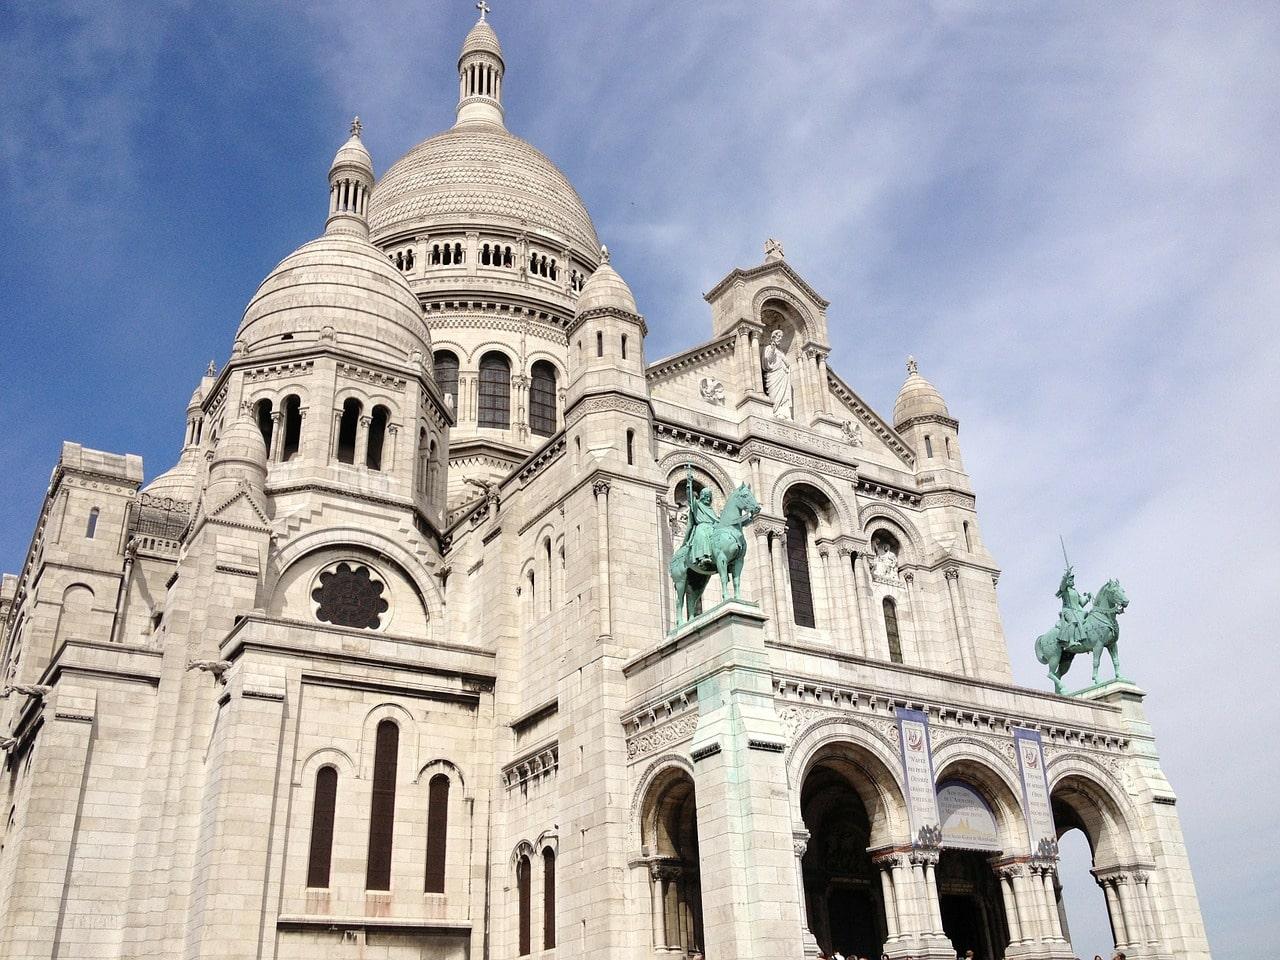 Quels sont les monuments les plus visités dans l'hexagone